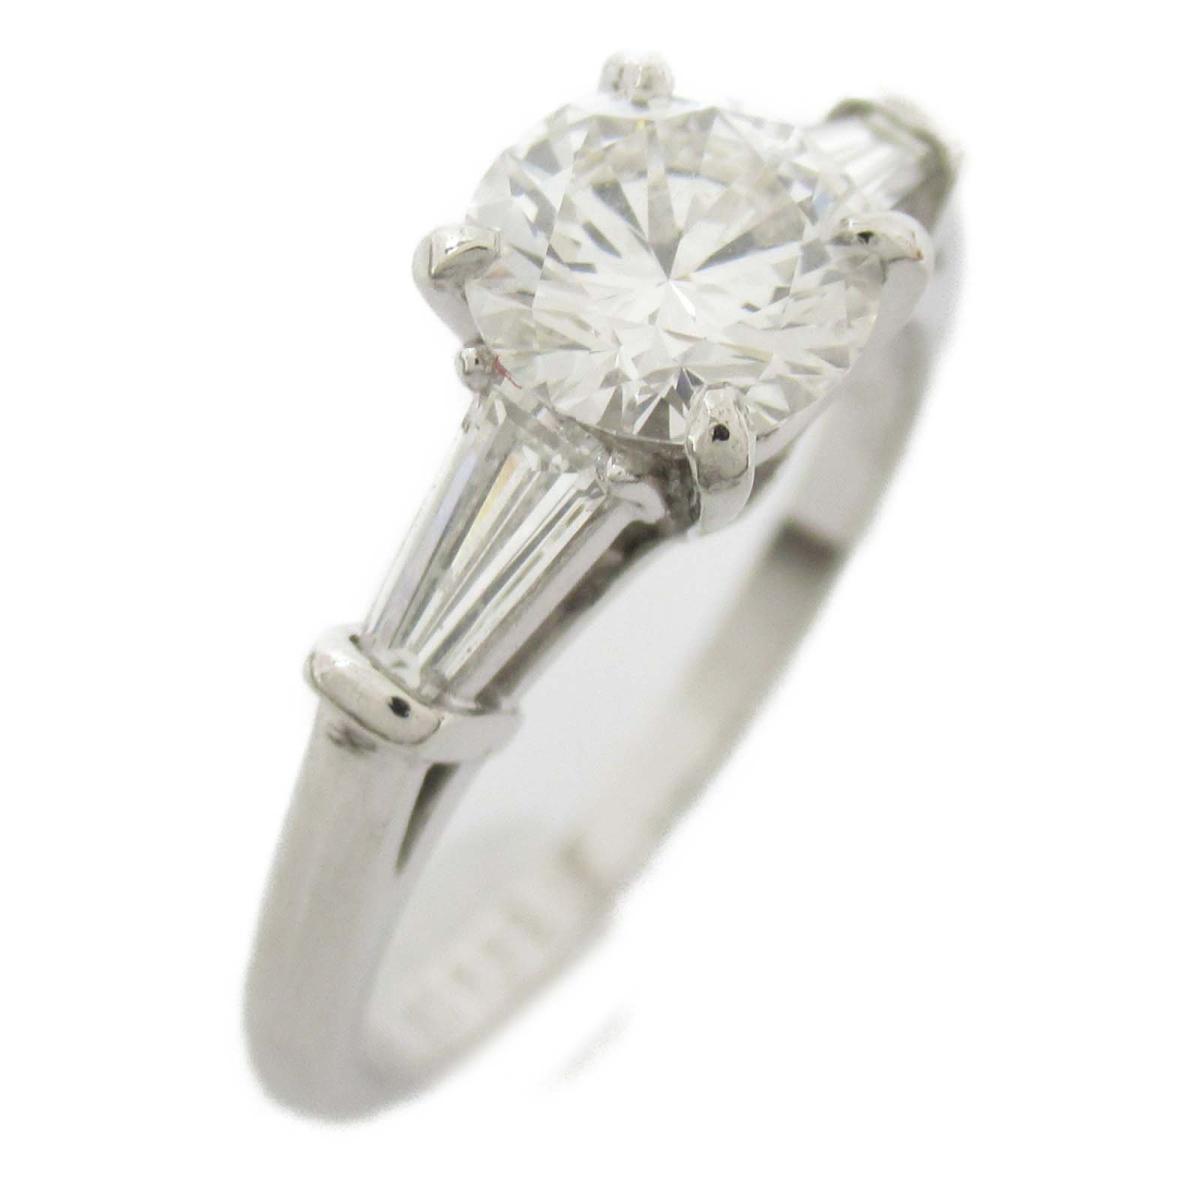 100%安い 【】ヴァンクリーフ&アーペル ダイヤモンド PT900 ダイヤモンド リング 指輪 レディース x PT900 プラチナ x ダイヤモンド0.75/0.32CT, 天然石ジュエリーハッピーエイト:b0122470 --- qimedia.in